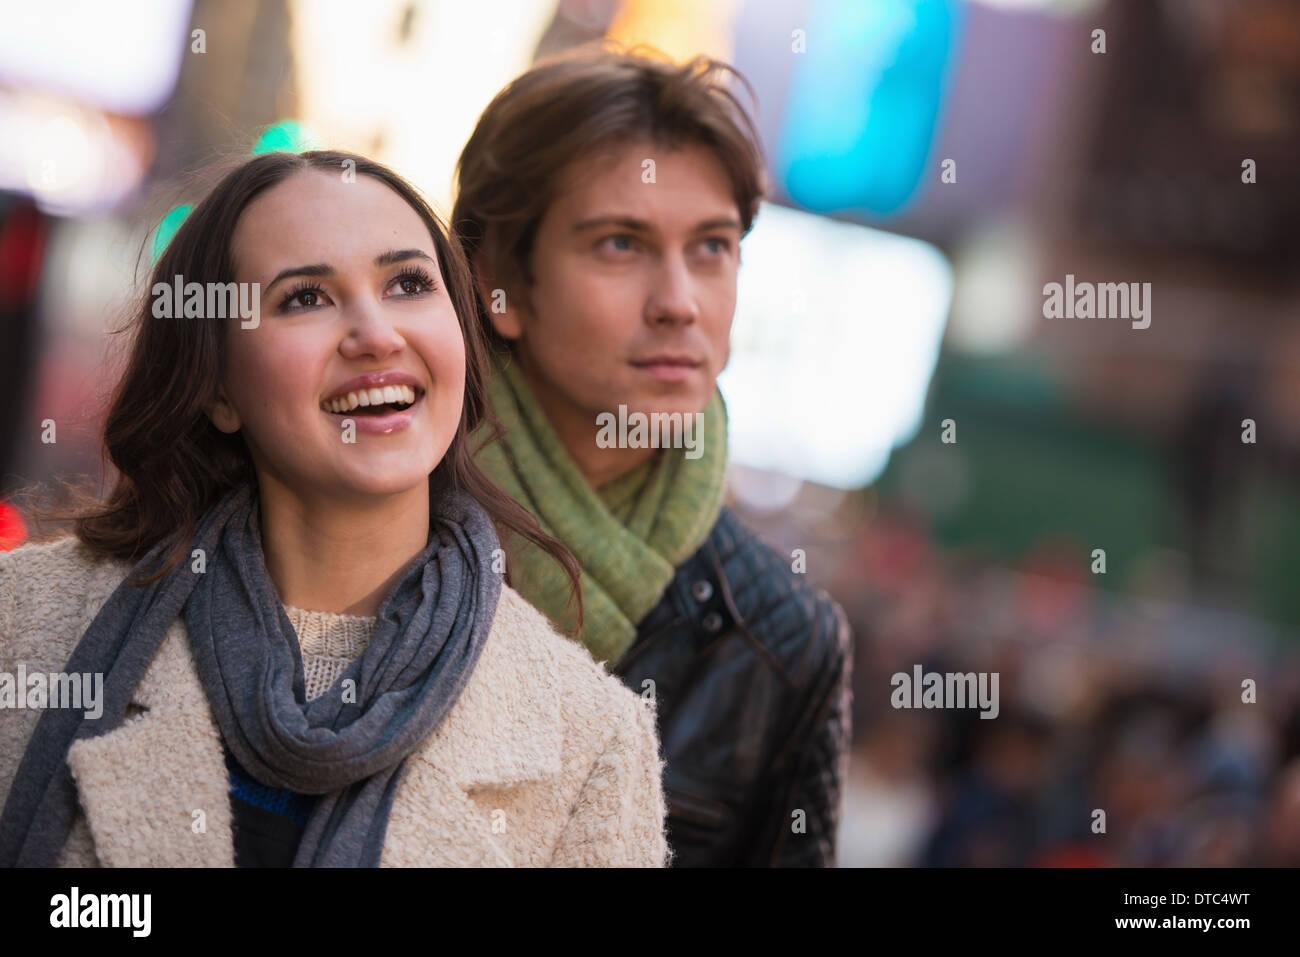 Young tourist couple, New York City, USA - Stock Image